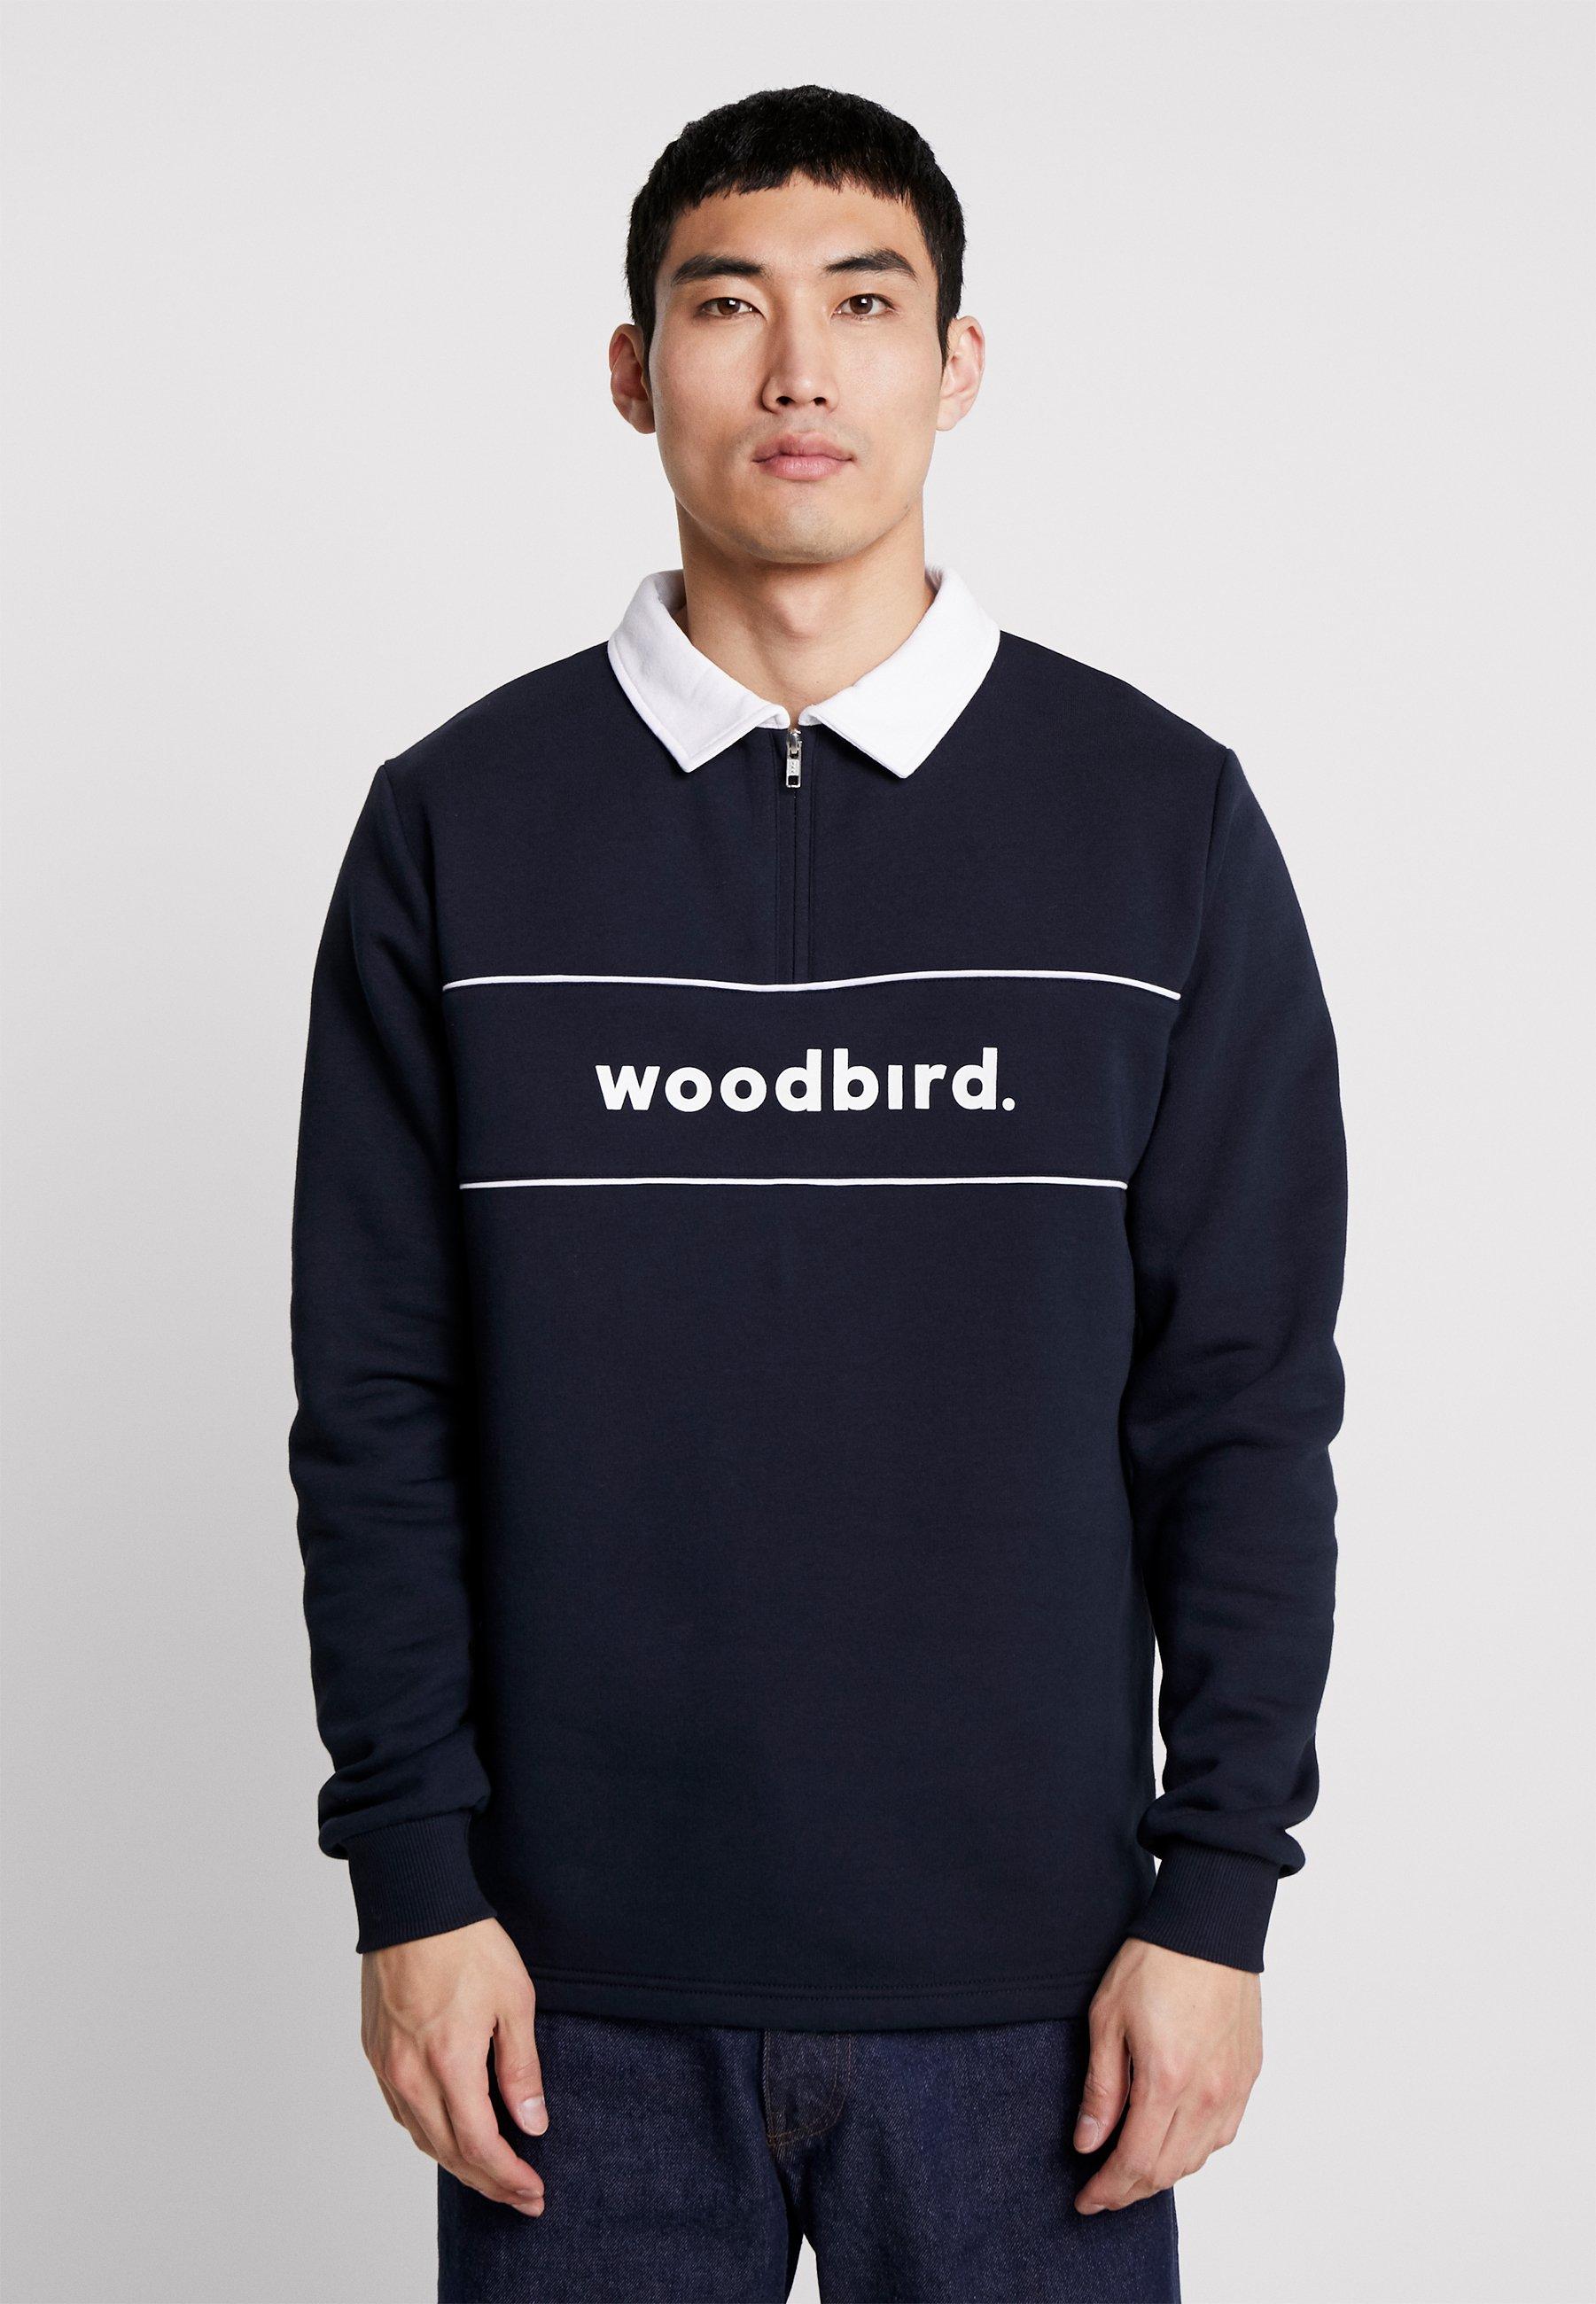 Woodbird Woodbird CrillySweatshirt Navy Woodbird CrillySweatshirt Woodbird CrillySweatshirt Navy Navy Woodbird CrillySweatshirt CrillySweatshirt Navy Woodbird Navy rBQeCoxdW